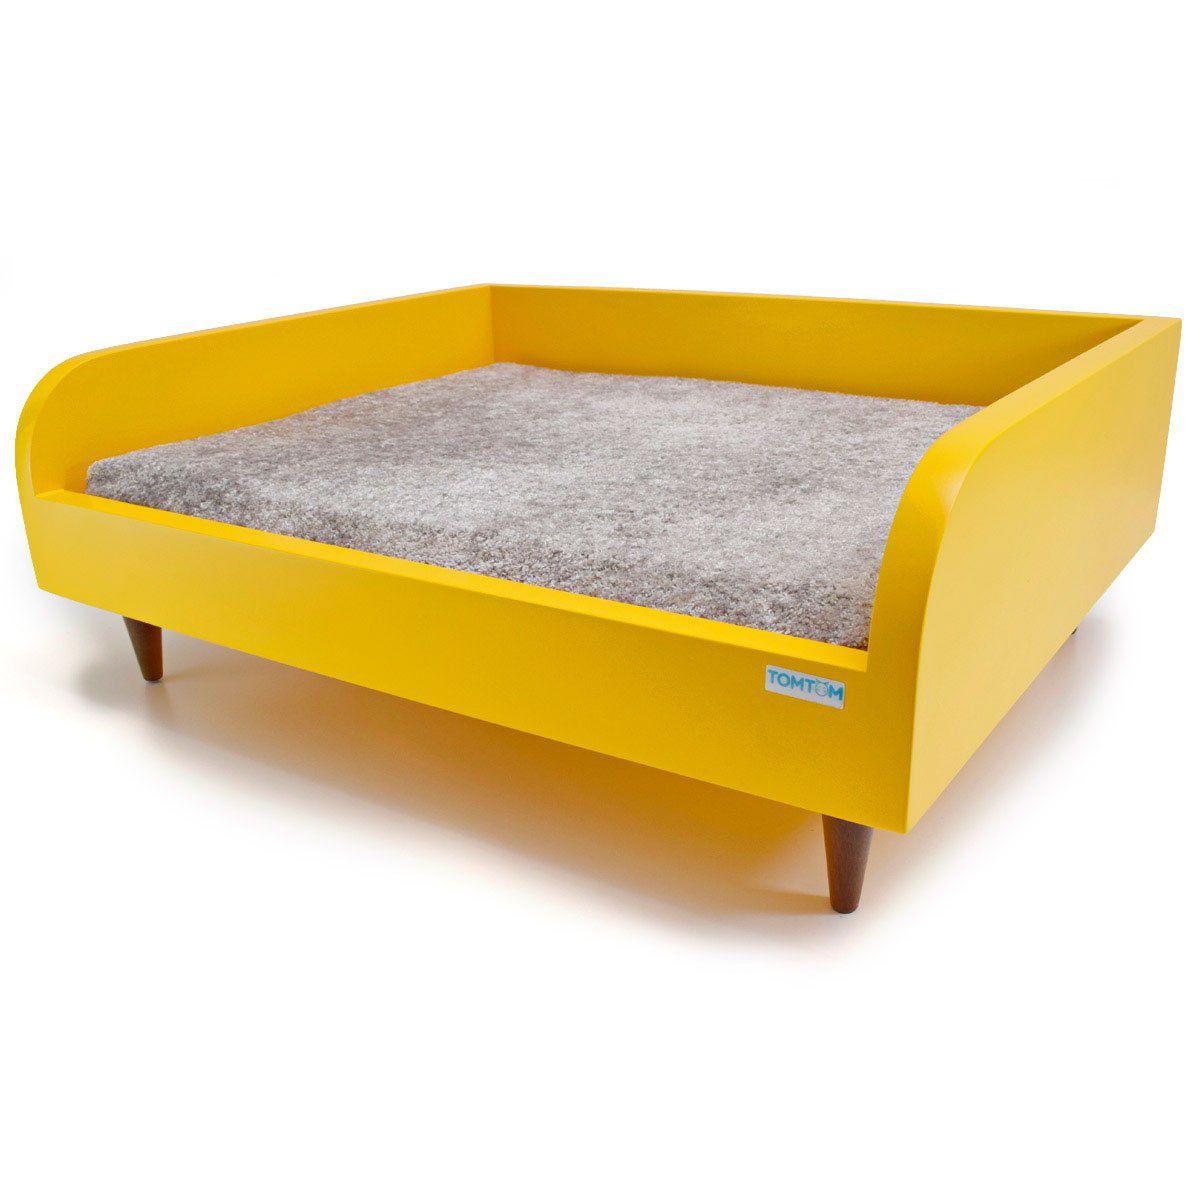 Sofá para Cachorro Médio Tomtom Amarelo com Almofada Cinza - M